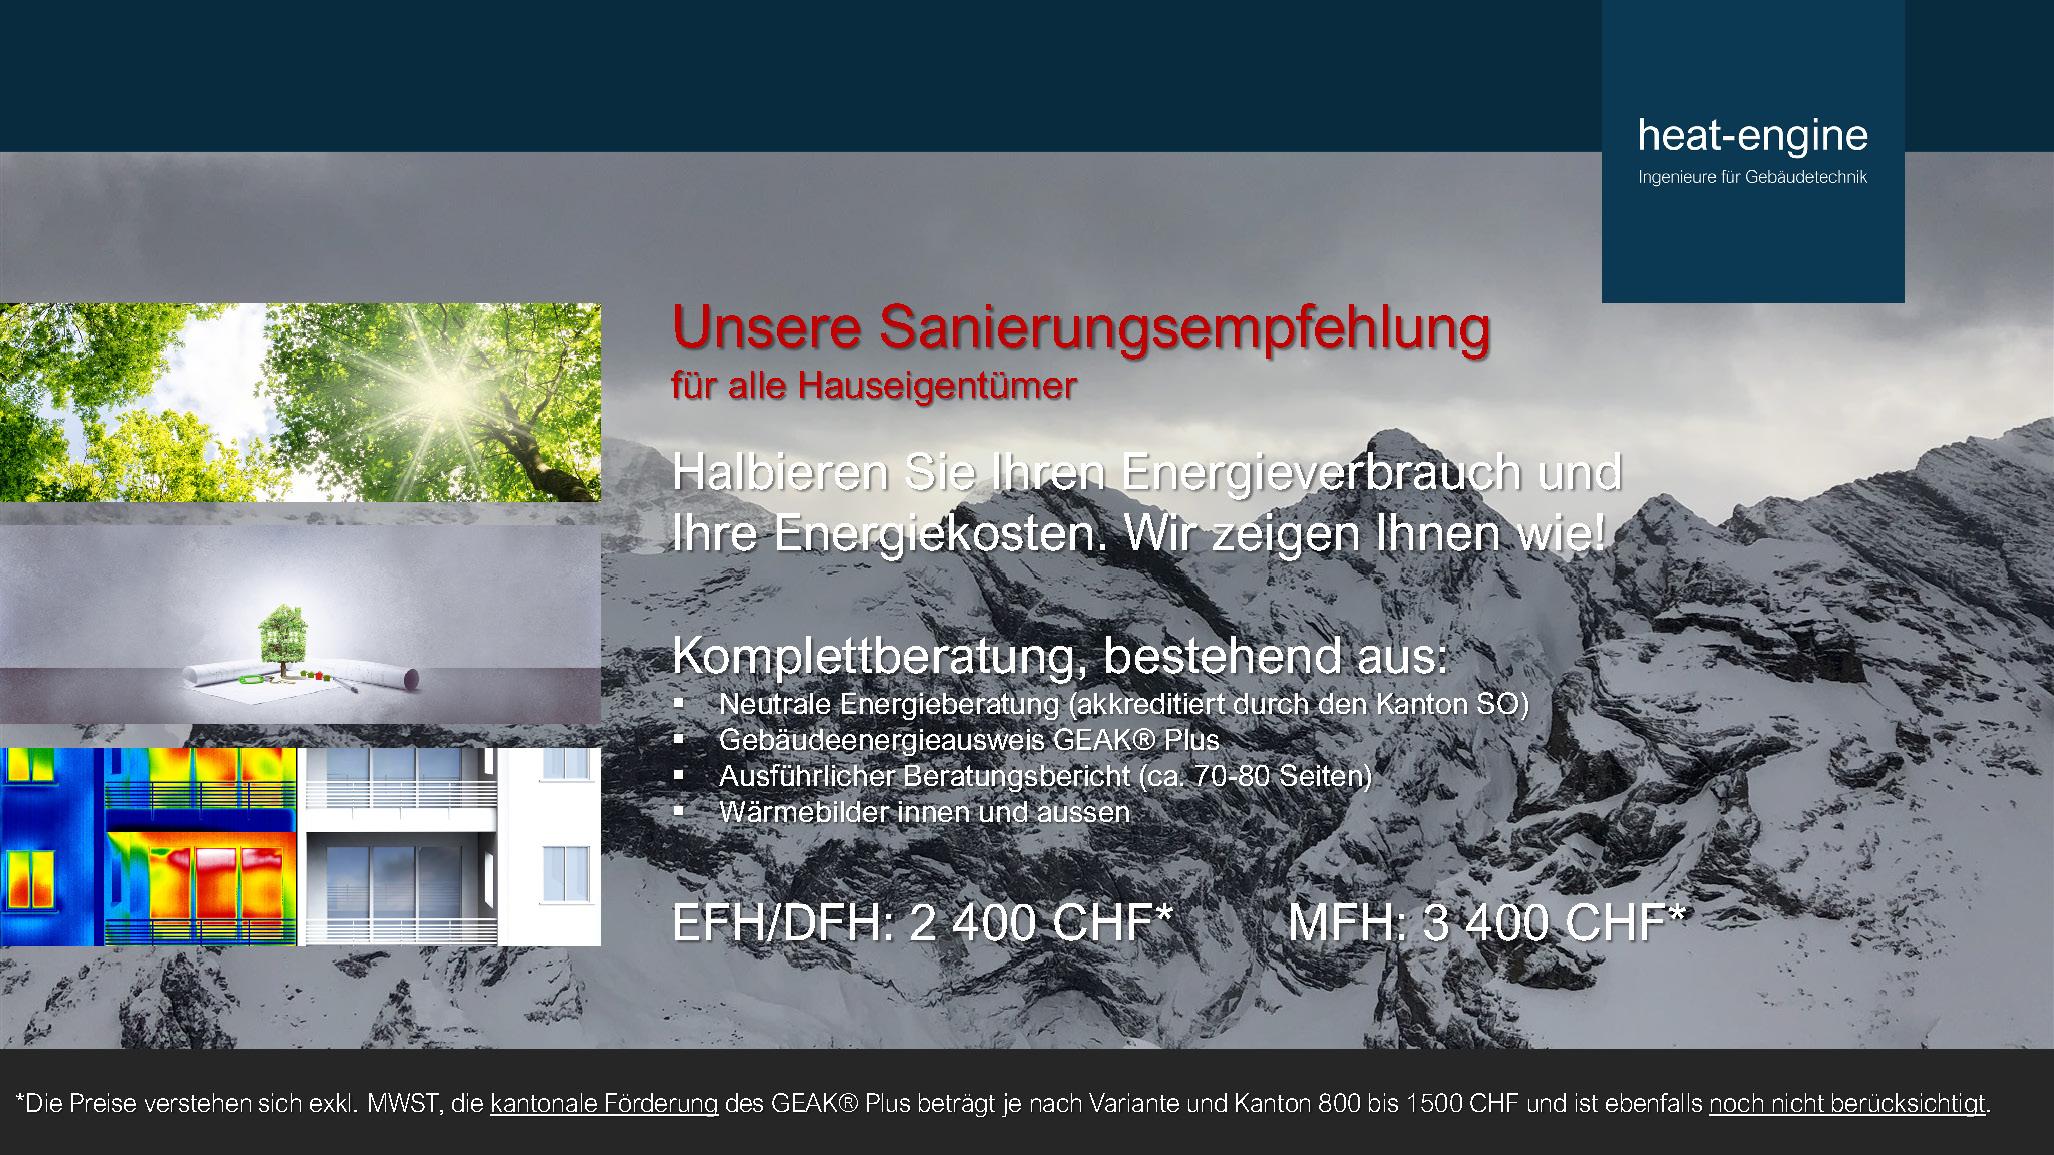 Komplettberatung; Energieberatung, GEAK Plus, Beratungsbericht, Wärmebilder